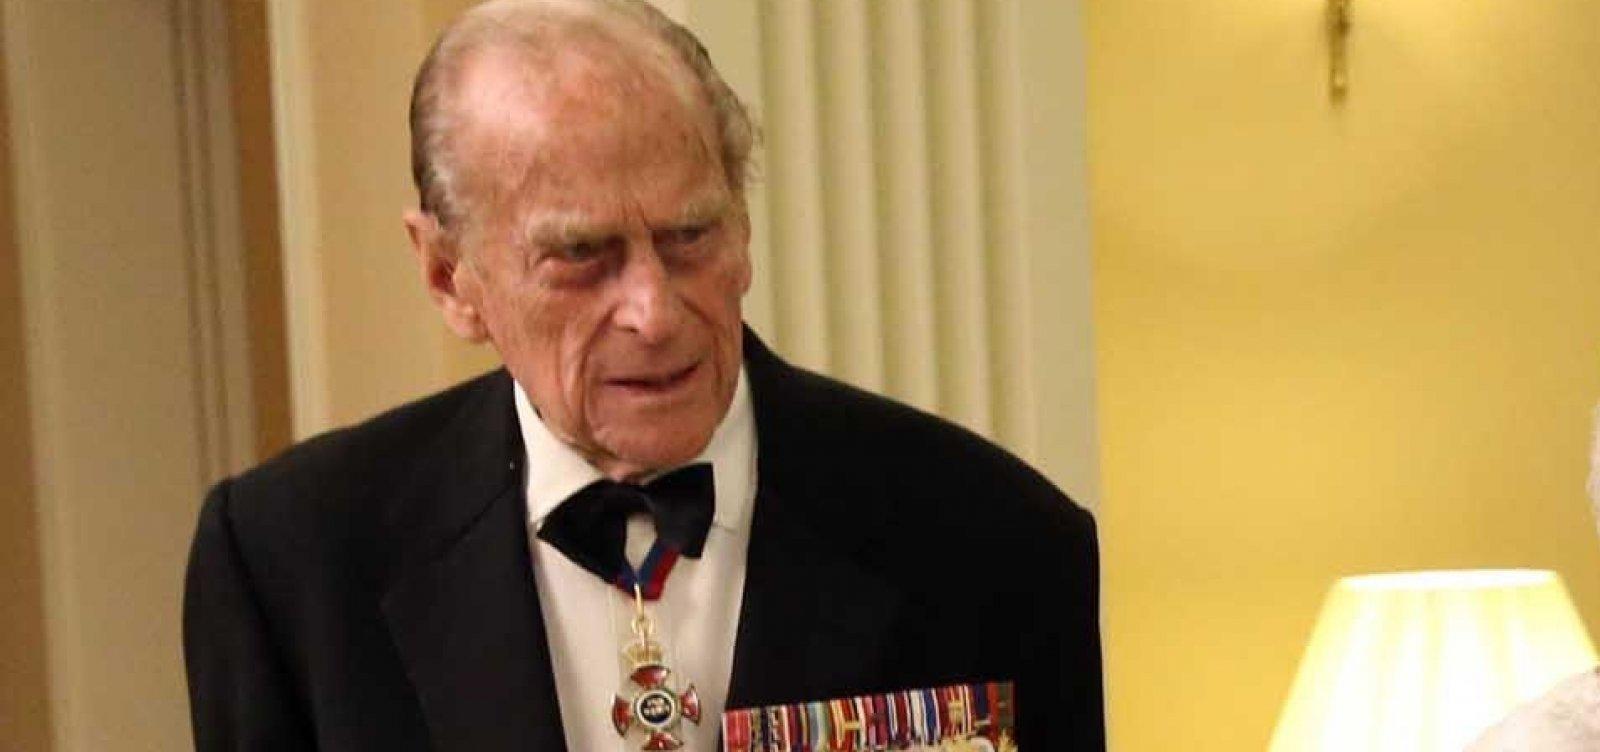 [Príncipe Philip, é internado por 'medida de precaução' após se sentir mal]